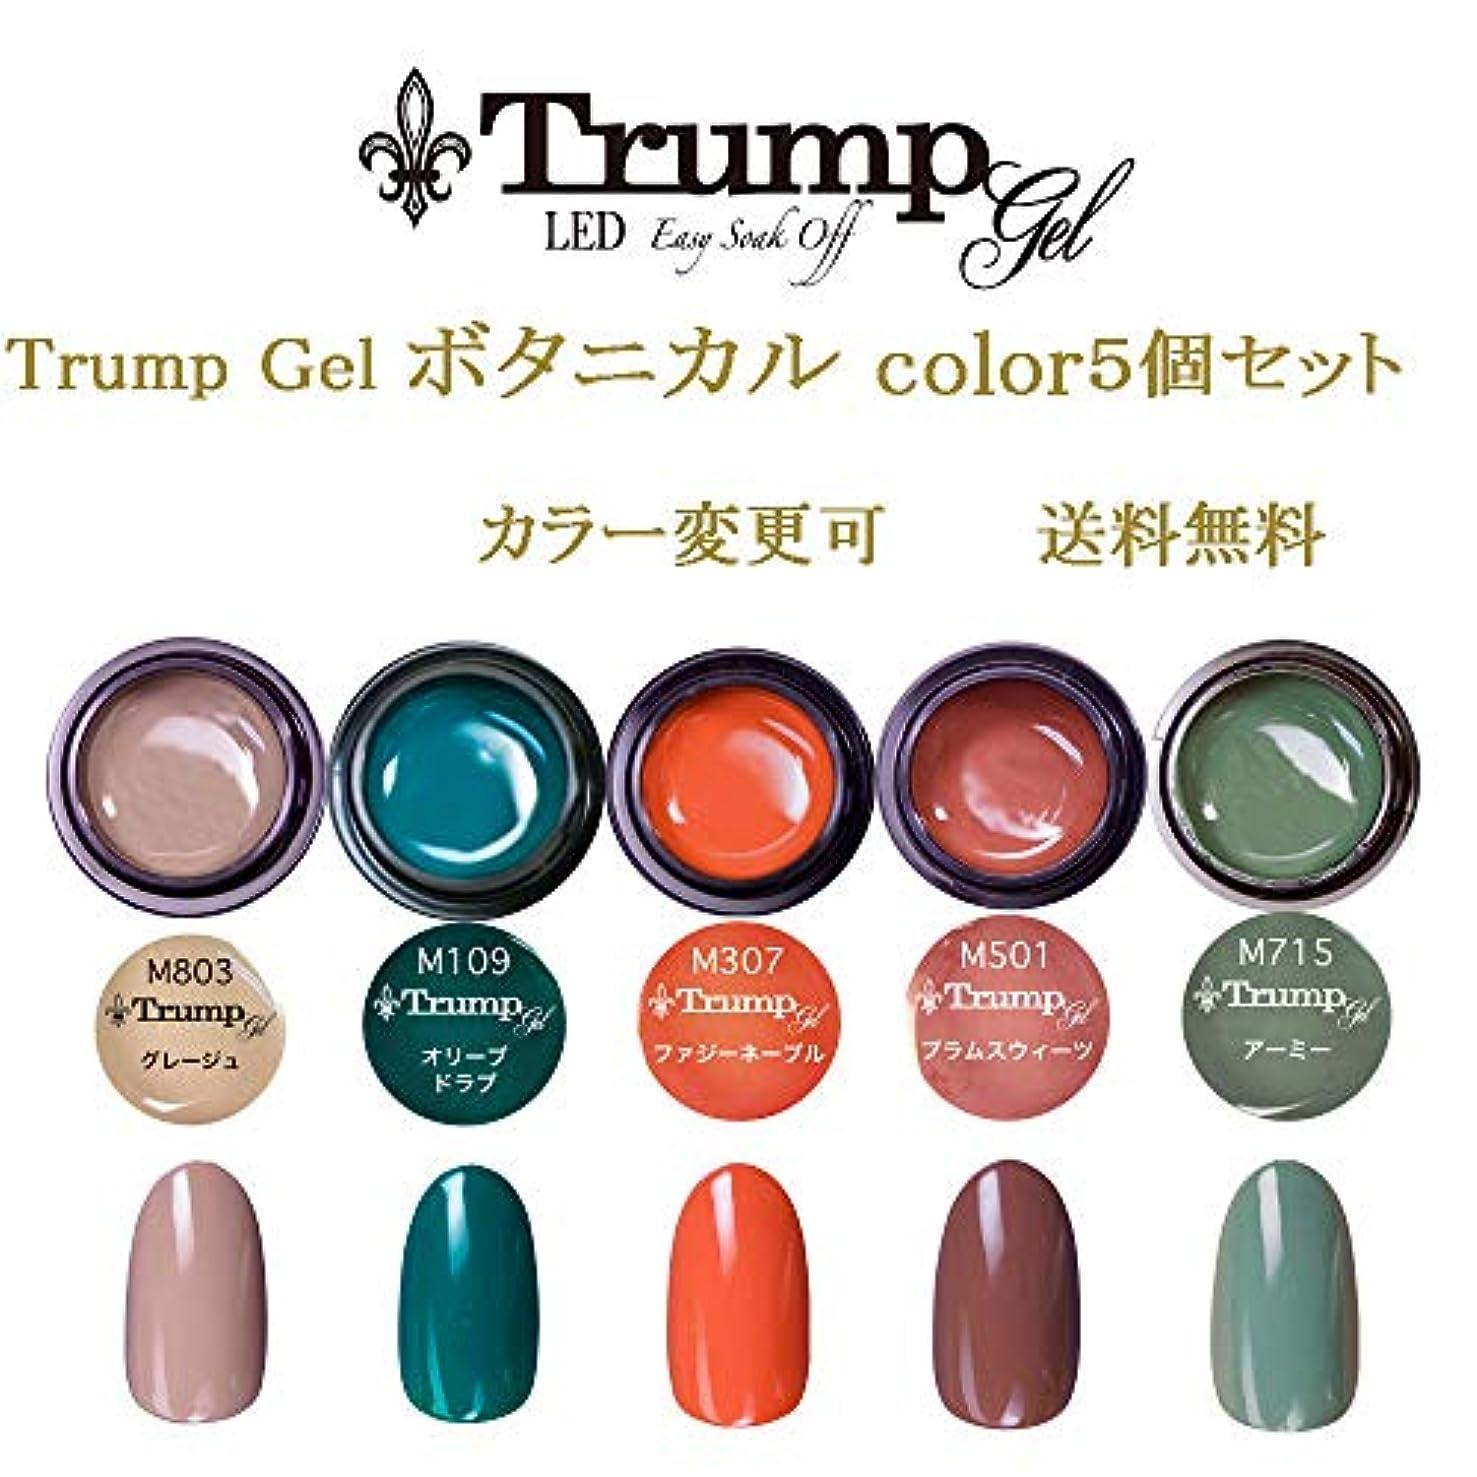 する愛撫ポスター日本製 Trump gel トランプジェル ボタニカルカラー 選べる カラージェル 5個セット カーキー ベージュ グリーン